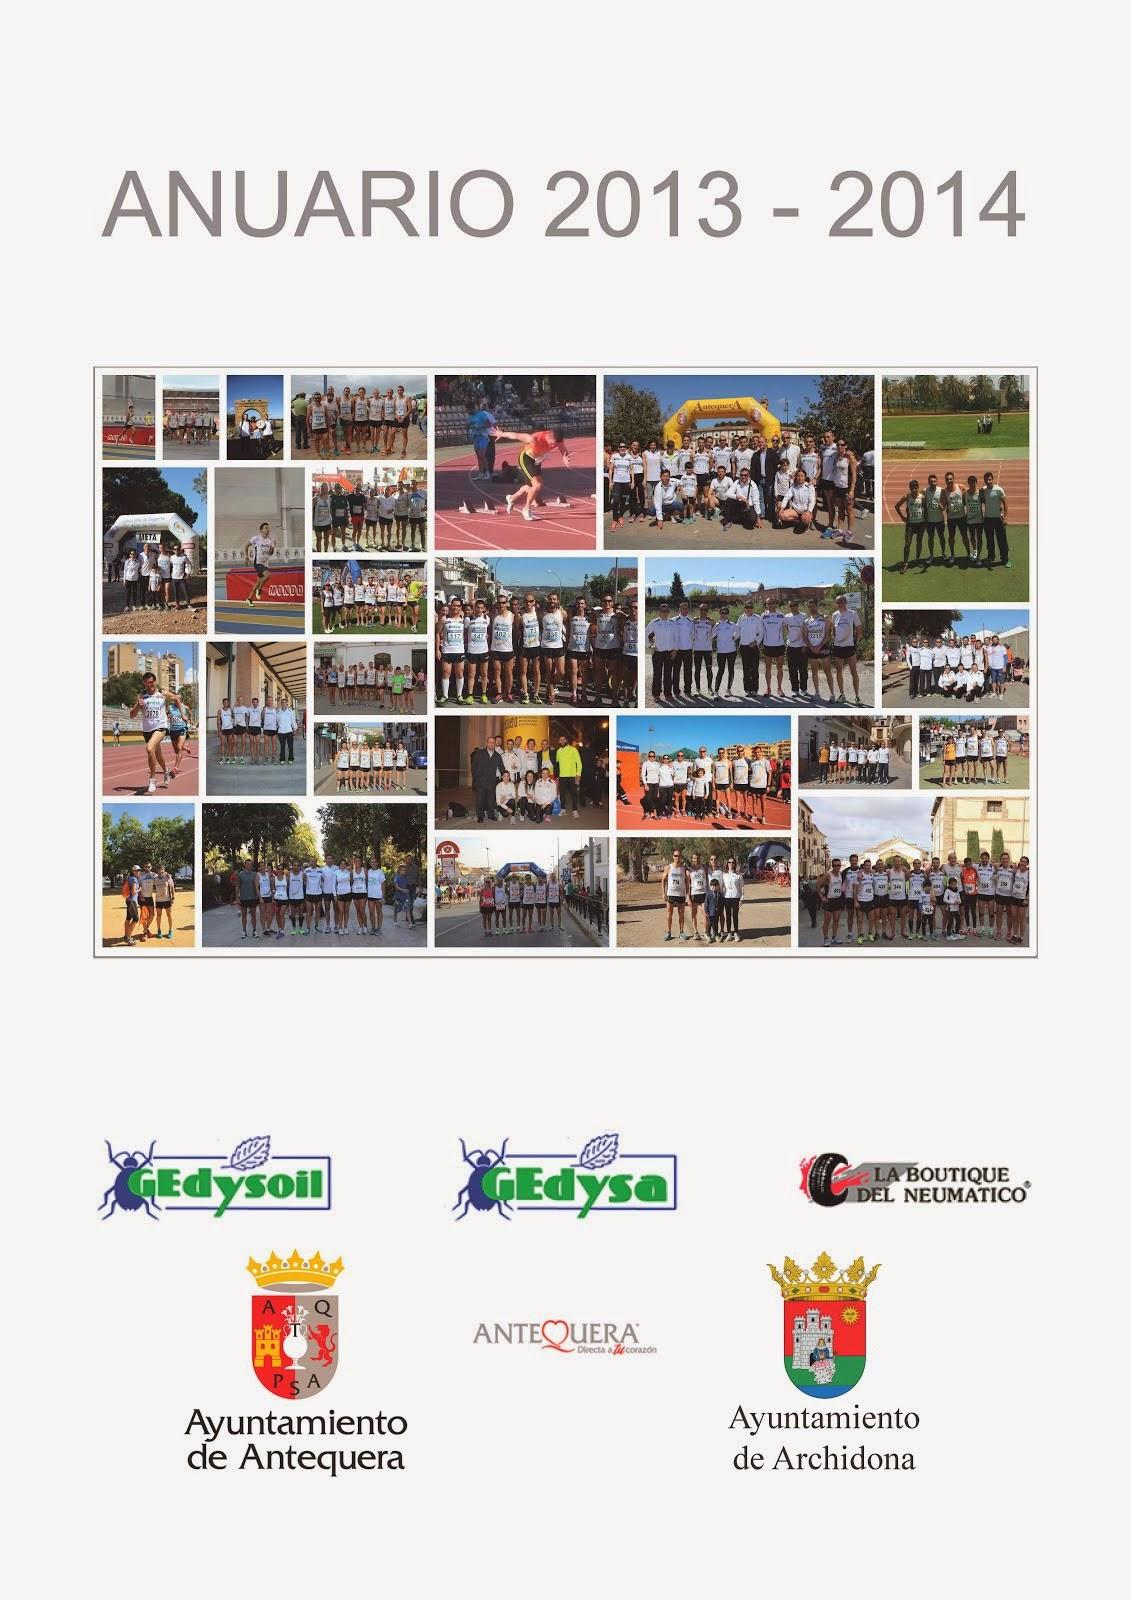 Anuario 2013 - 2014